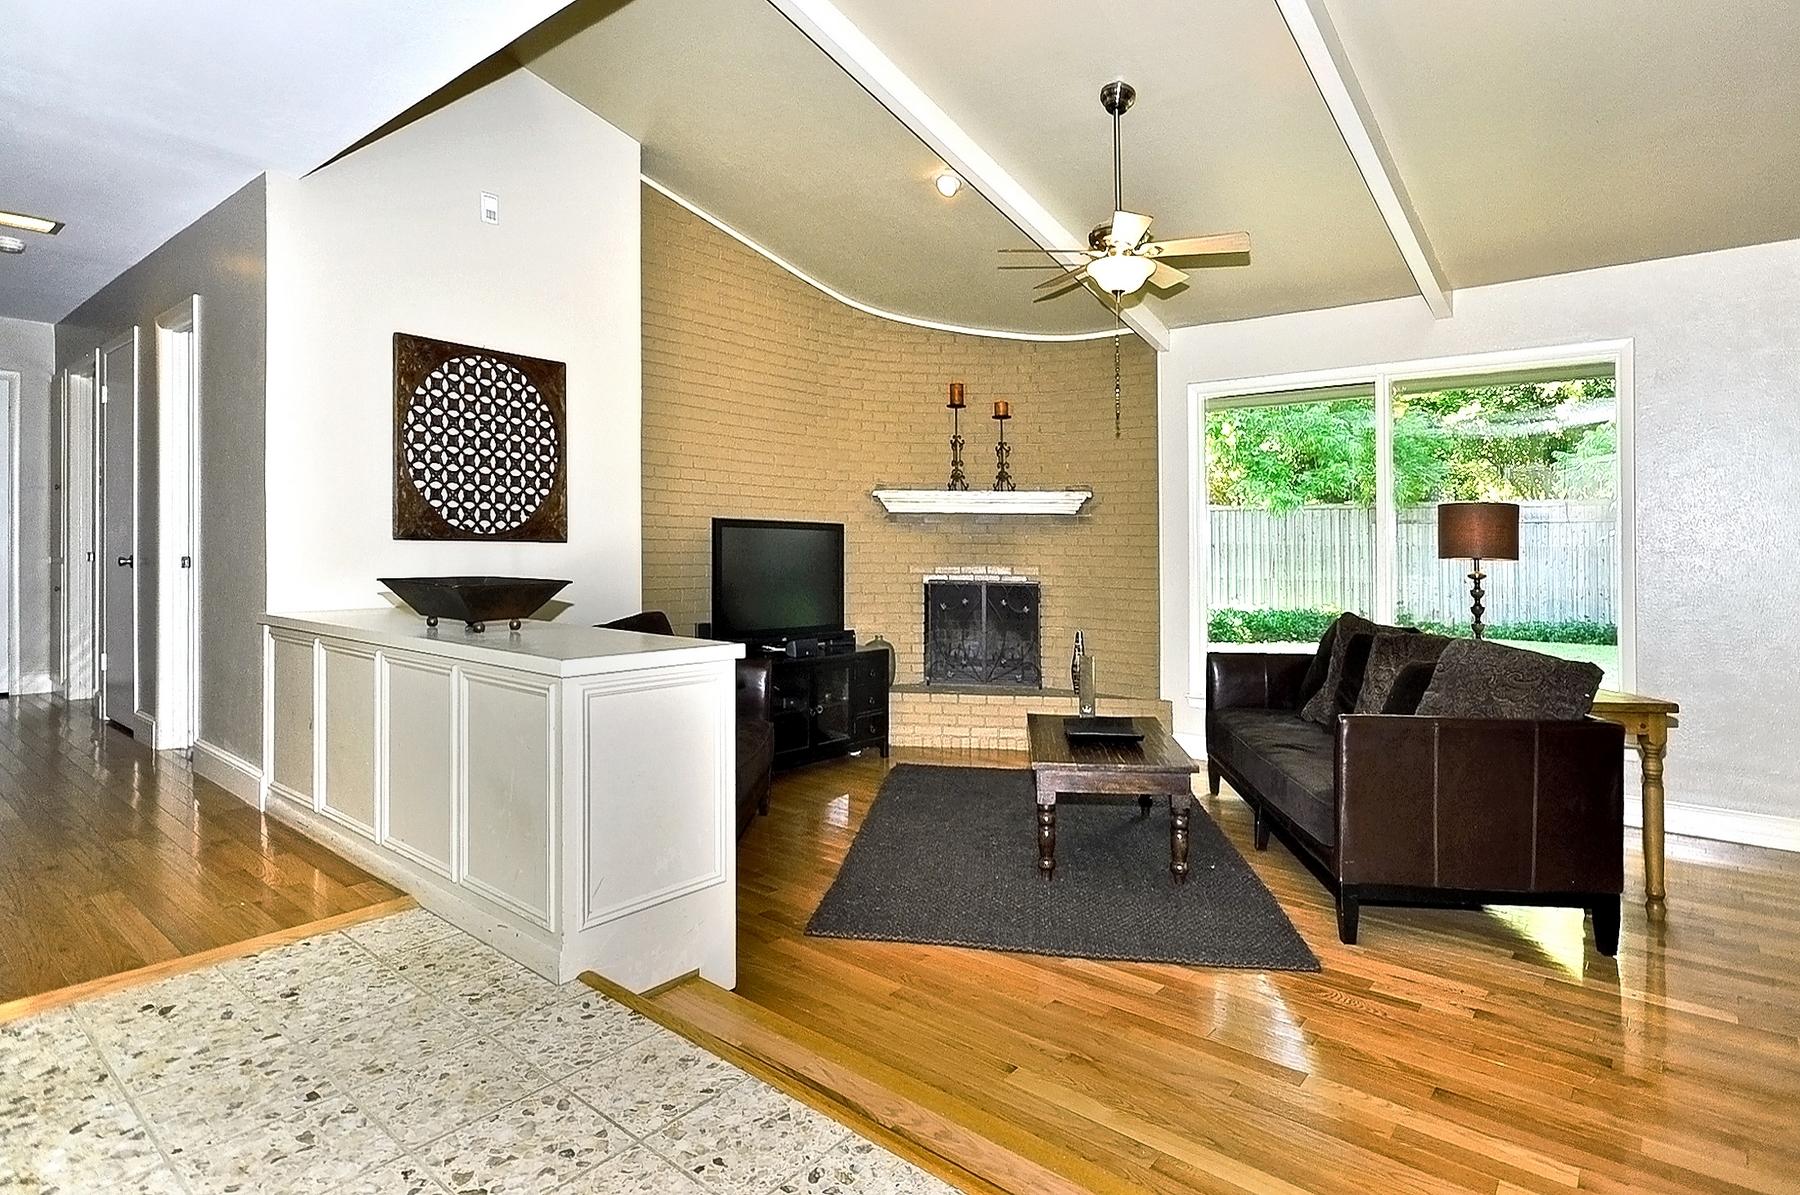 3350 Valiant Dallas Living Room from Entry.jpg